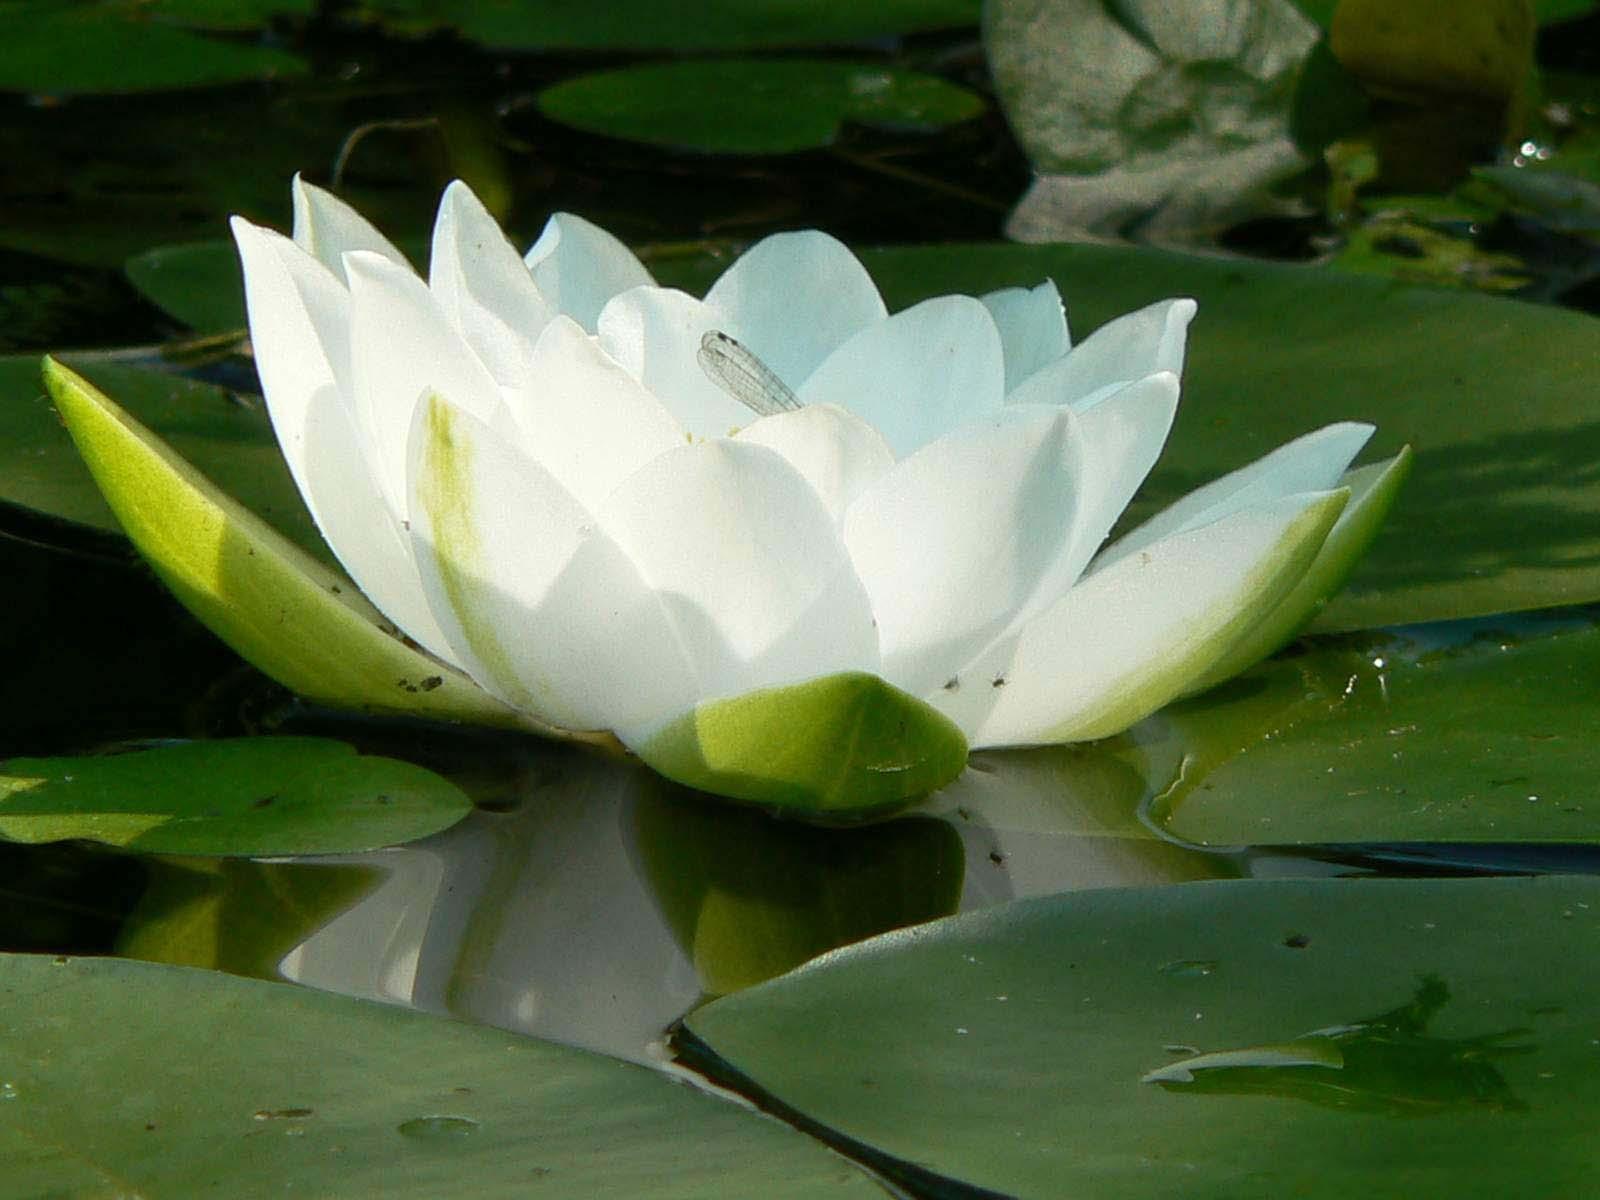 Hình ảnh hoa sen trắng trong đầm đẹp